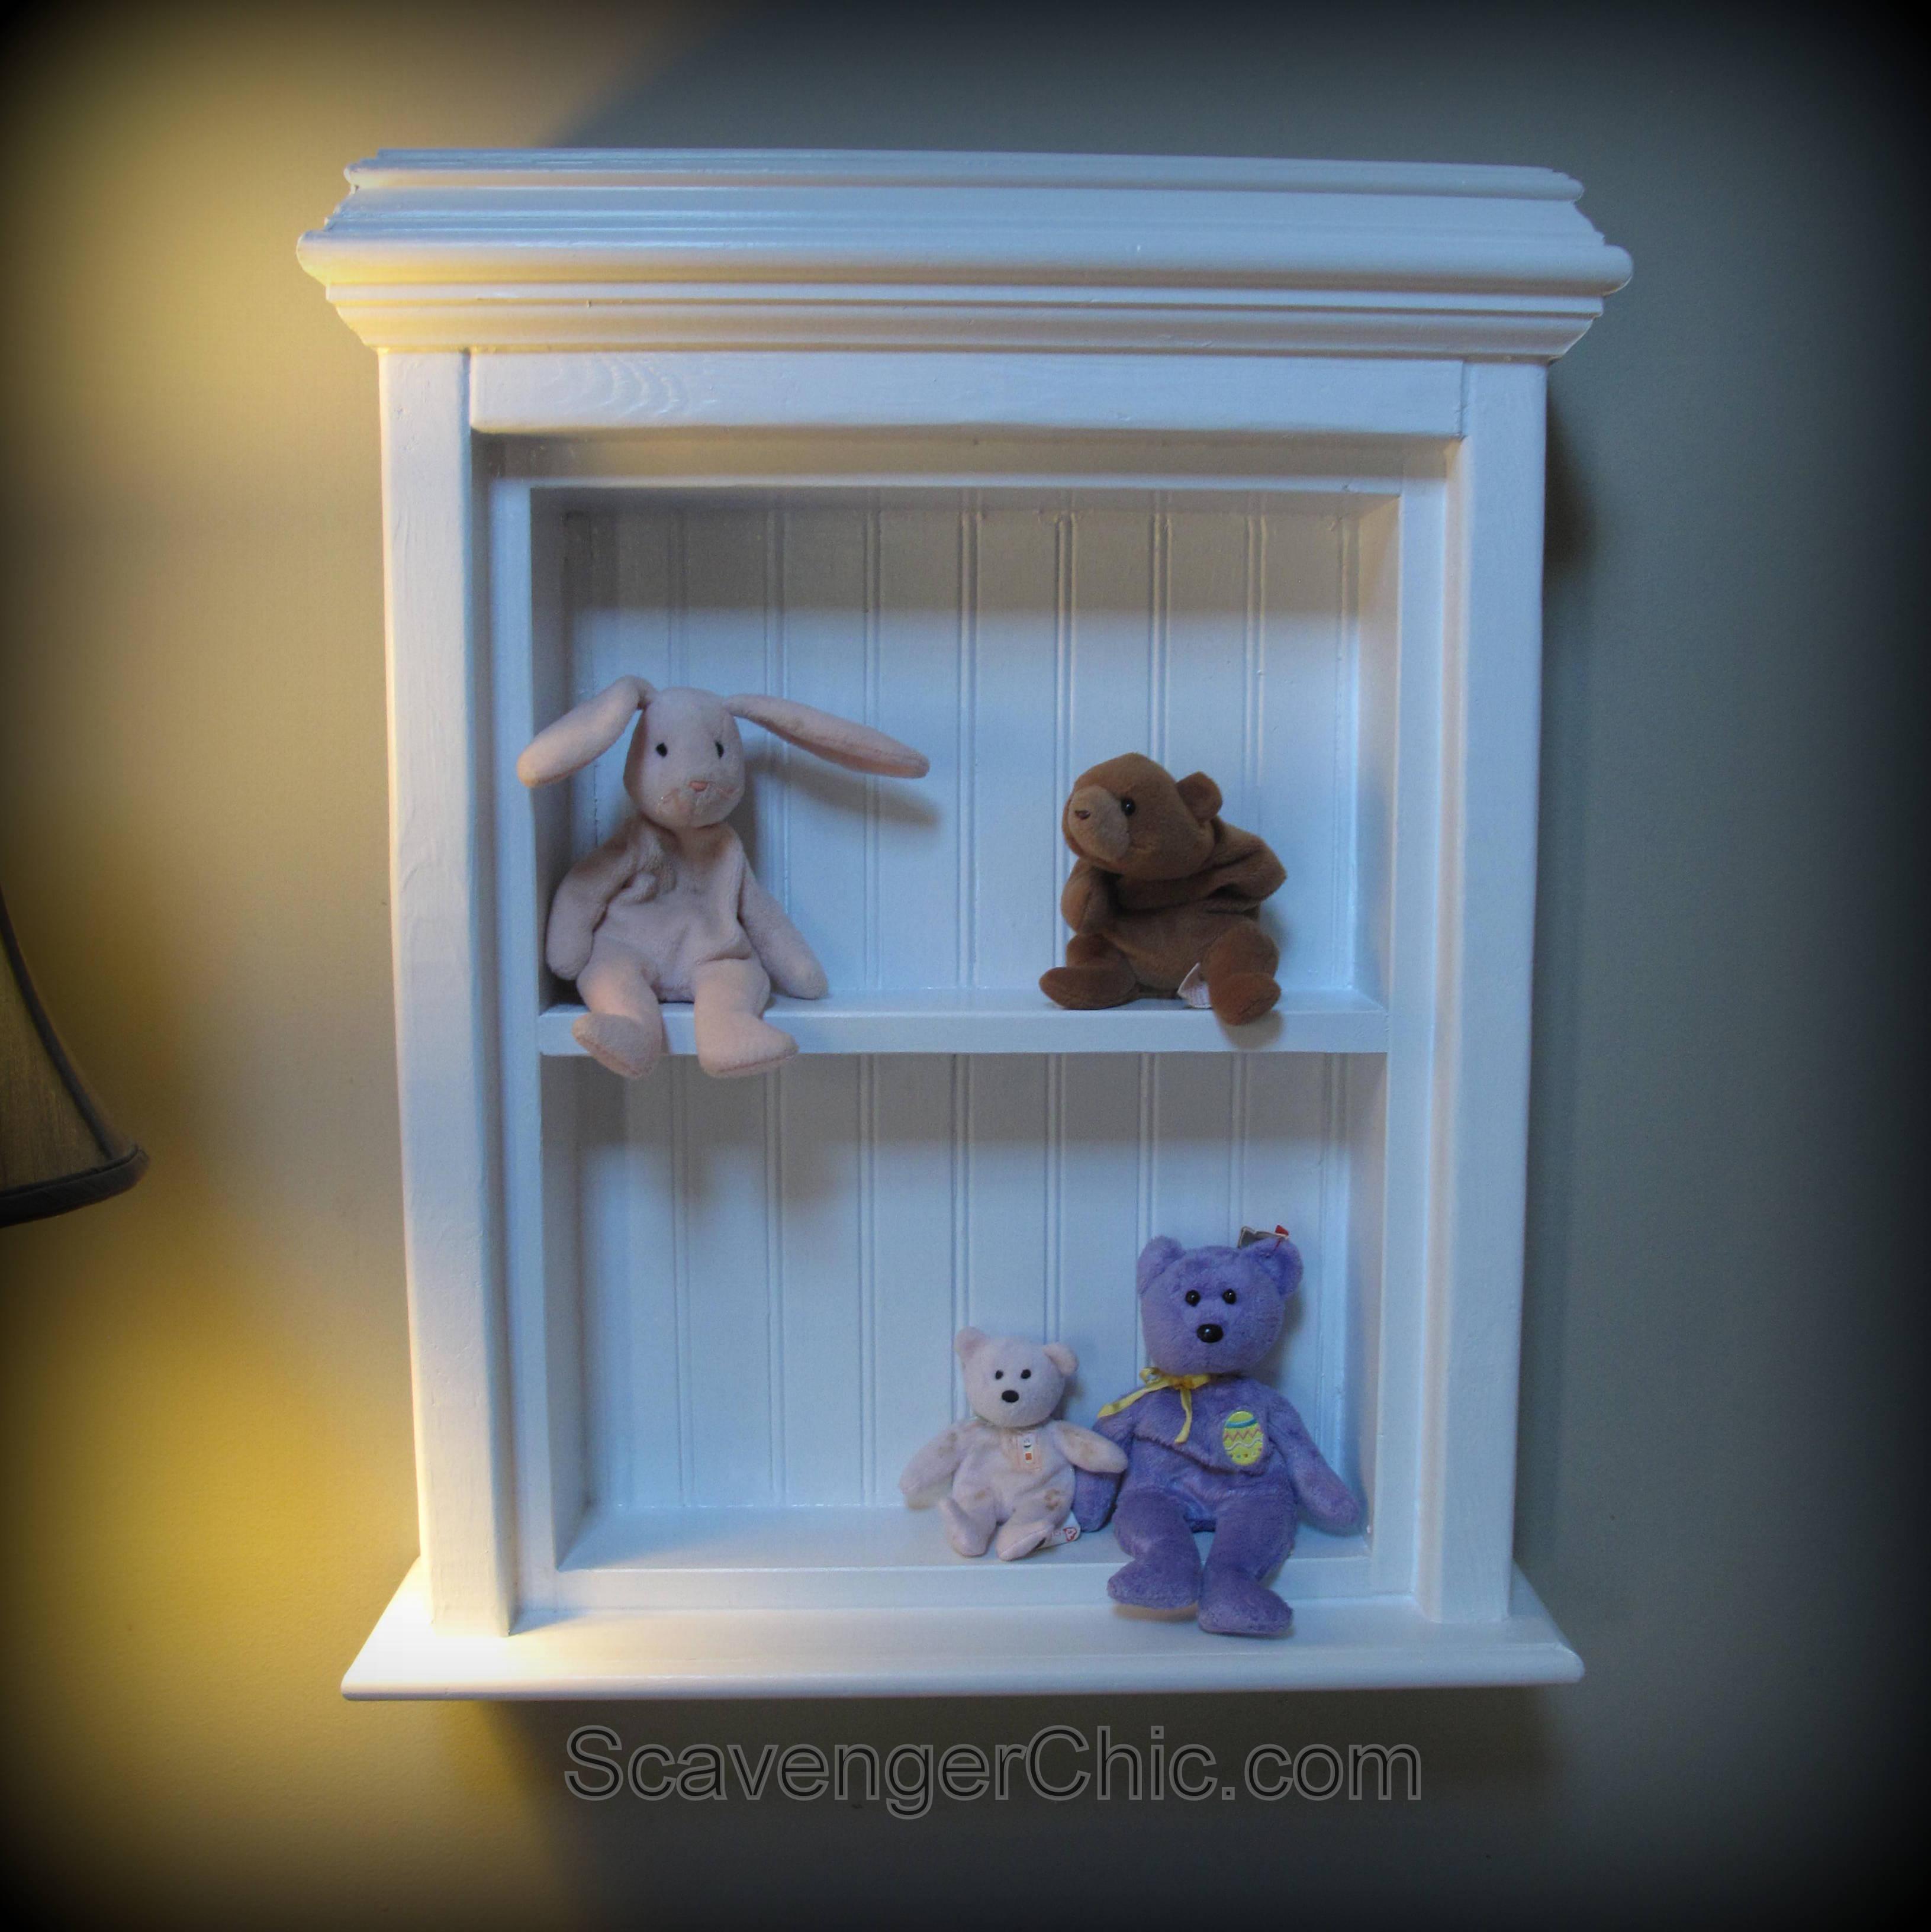 Diy Mirror Cabinet Door: Create A Medicine Cabinet From A Mirror Diy